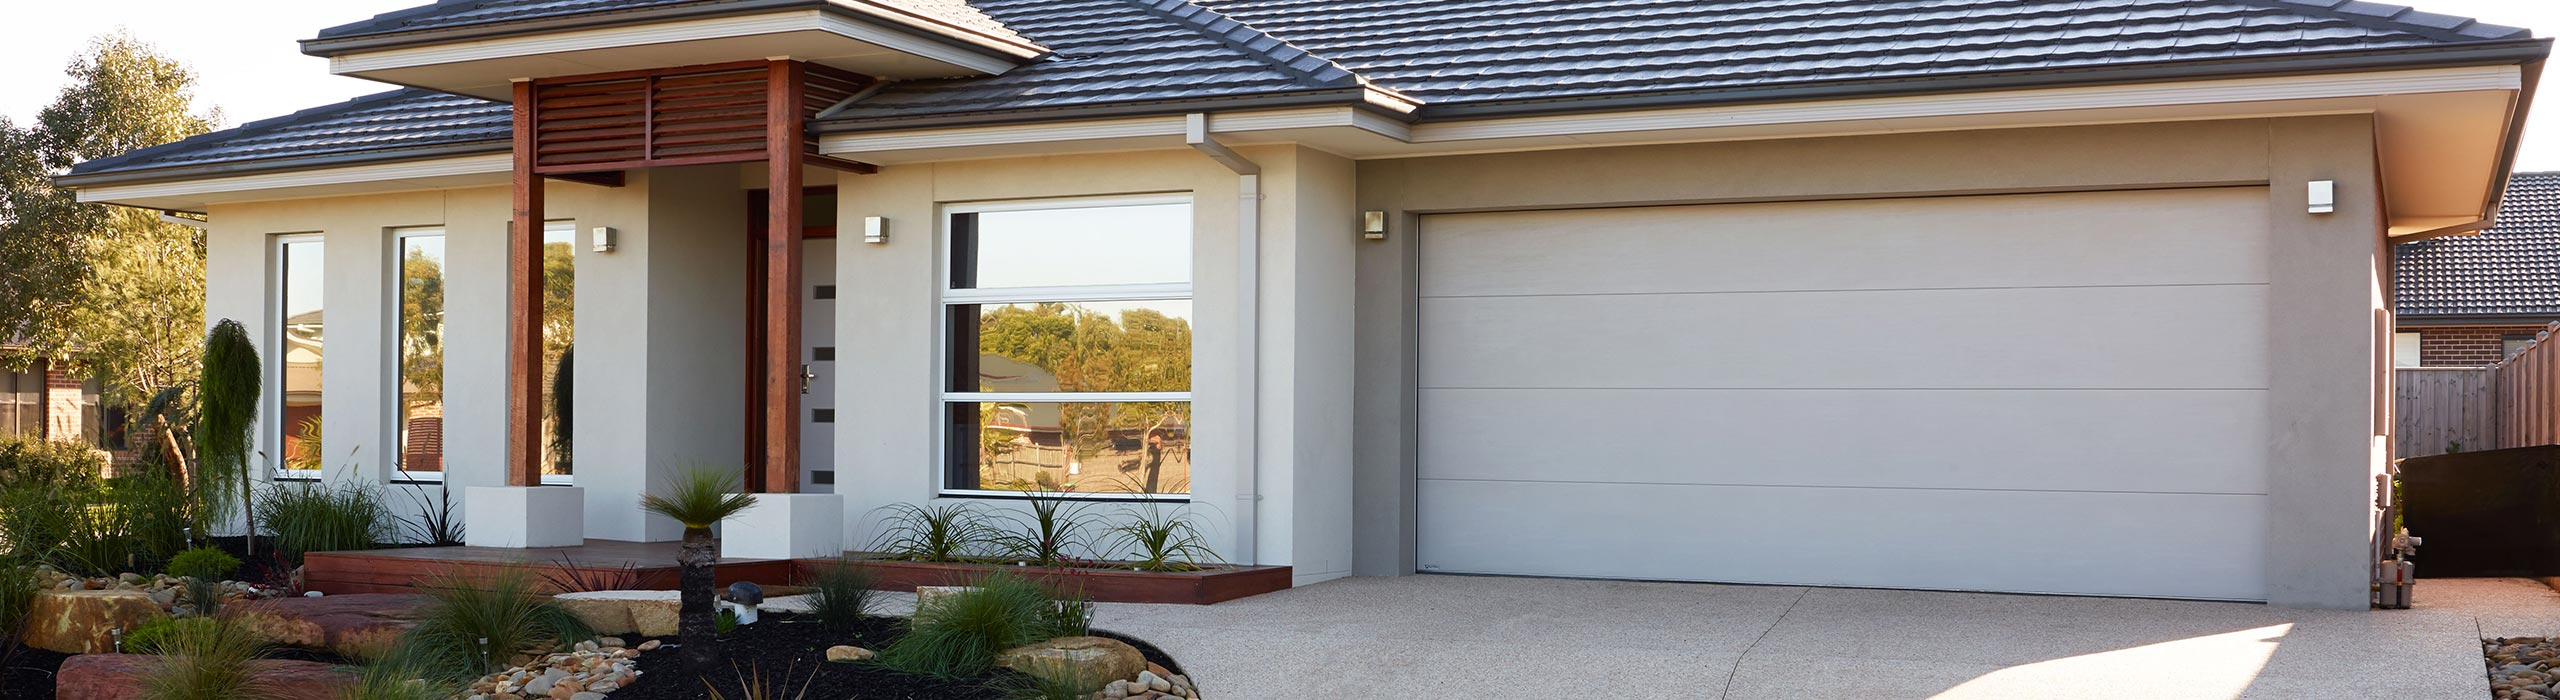 Aylmer garage door